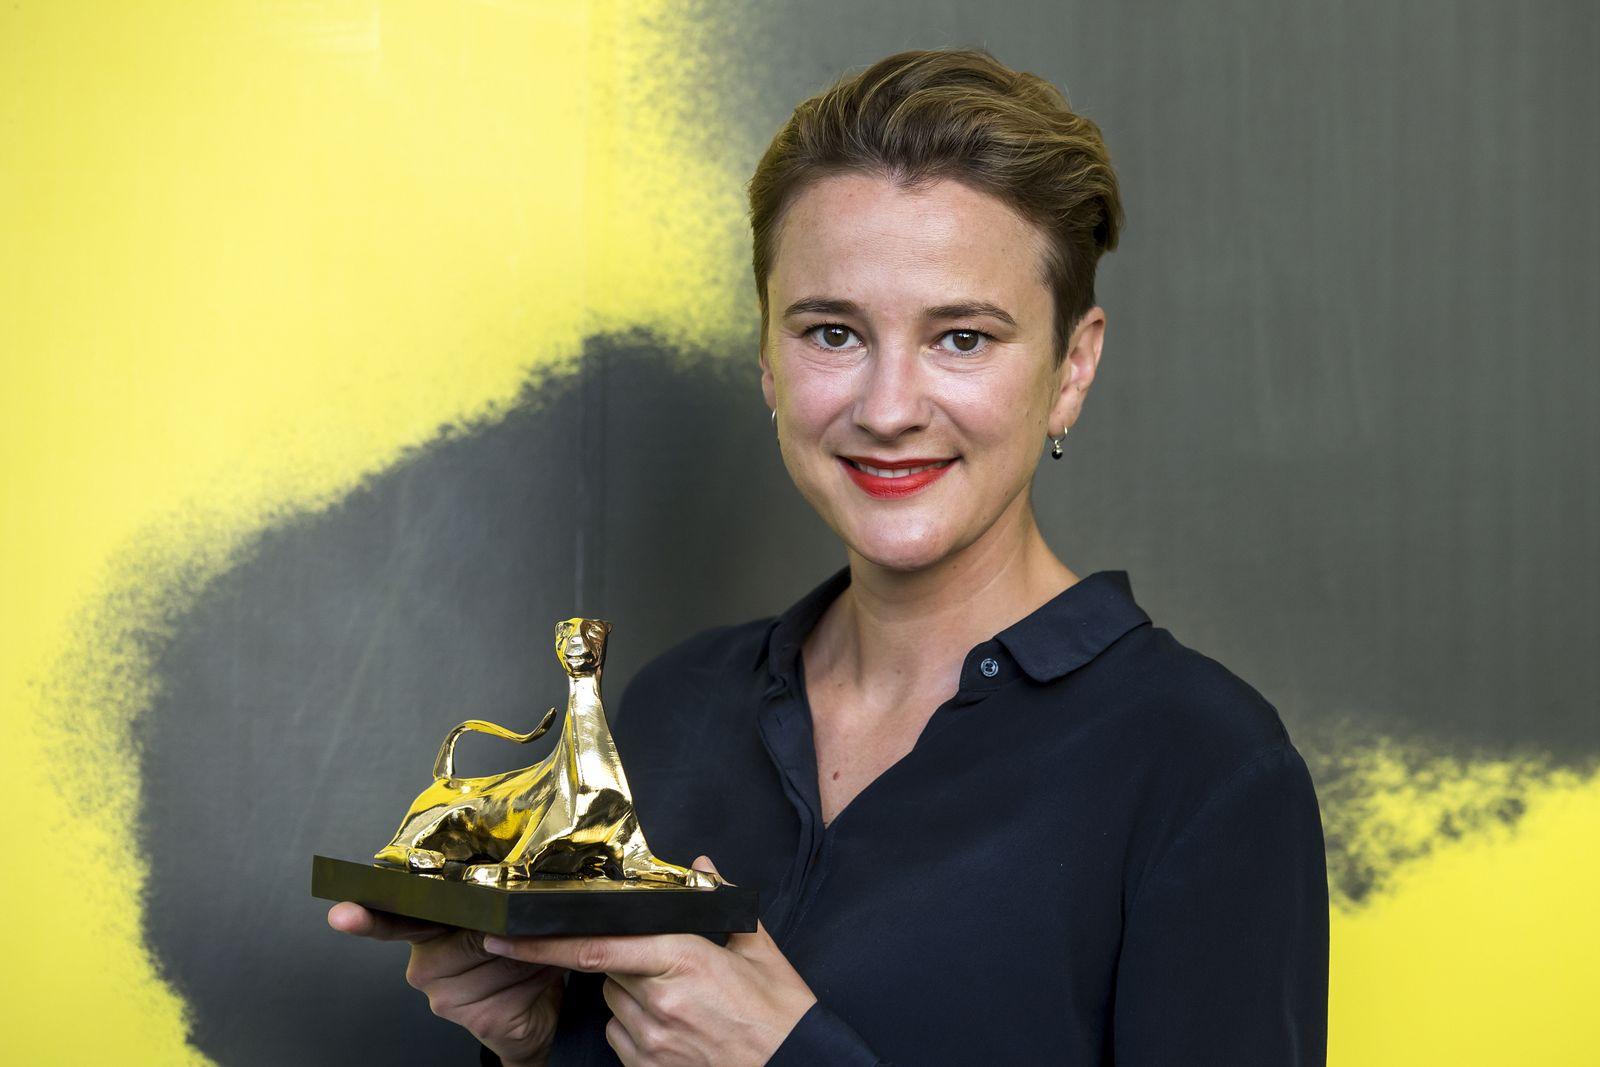 Eva Trobisch/ Filmfestival Locarno